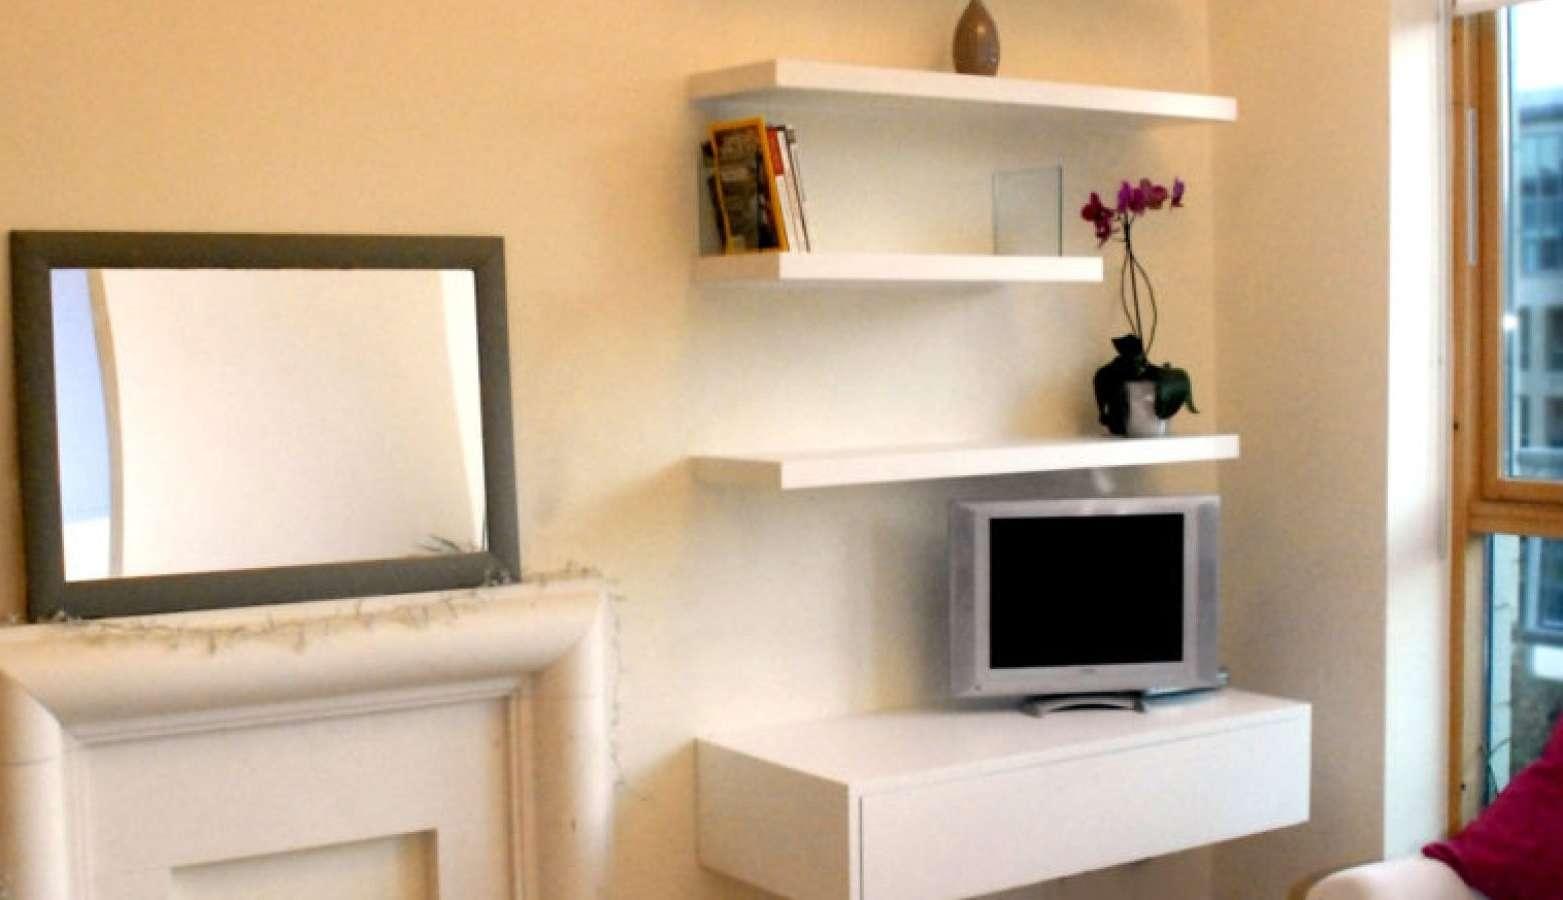 Shelving : 90 Single Shelf Tv Stand Awesome Awesome Single Shelf Inside Single Shelf Tv Stands (View 9 of 20)